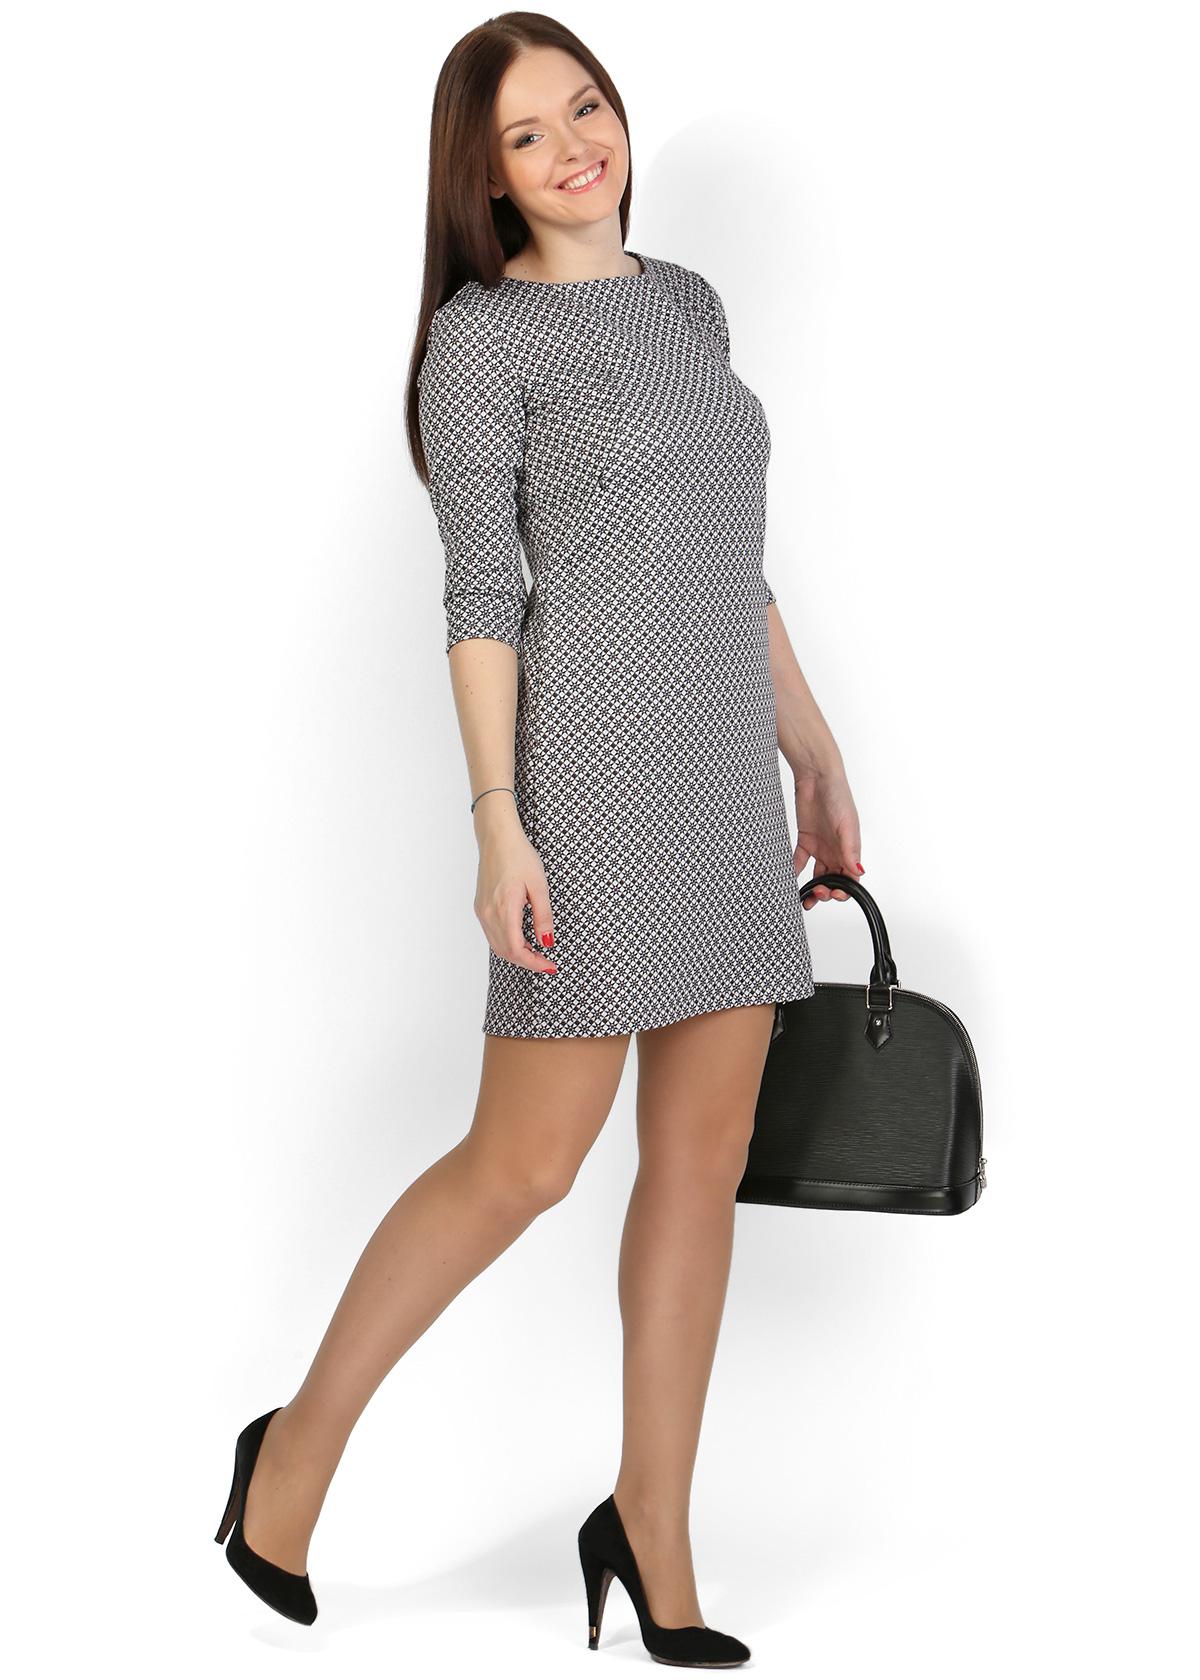 8762275e42b5 Купить платье для кормления в Минске, Платье «Грейс» черные звездочки для  кормления грудью